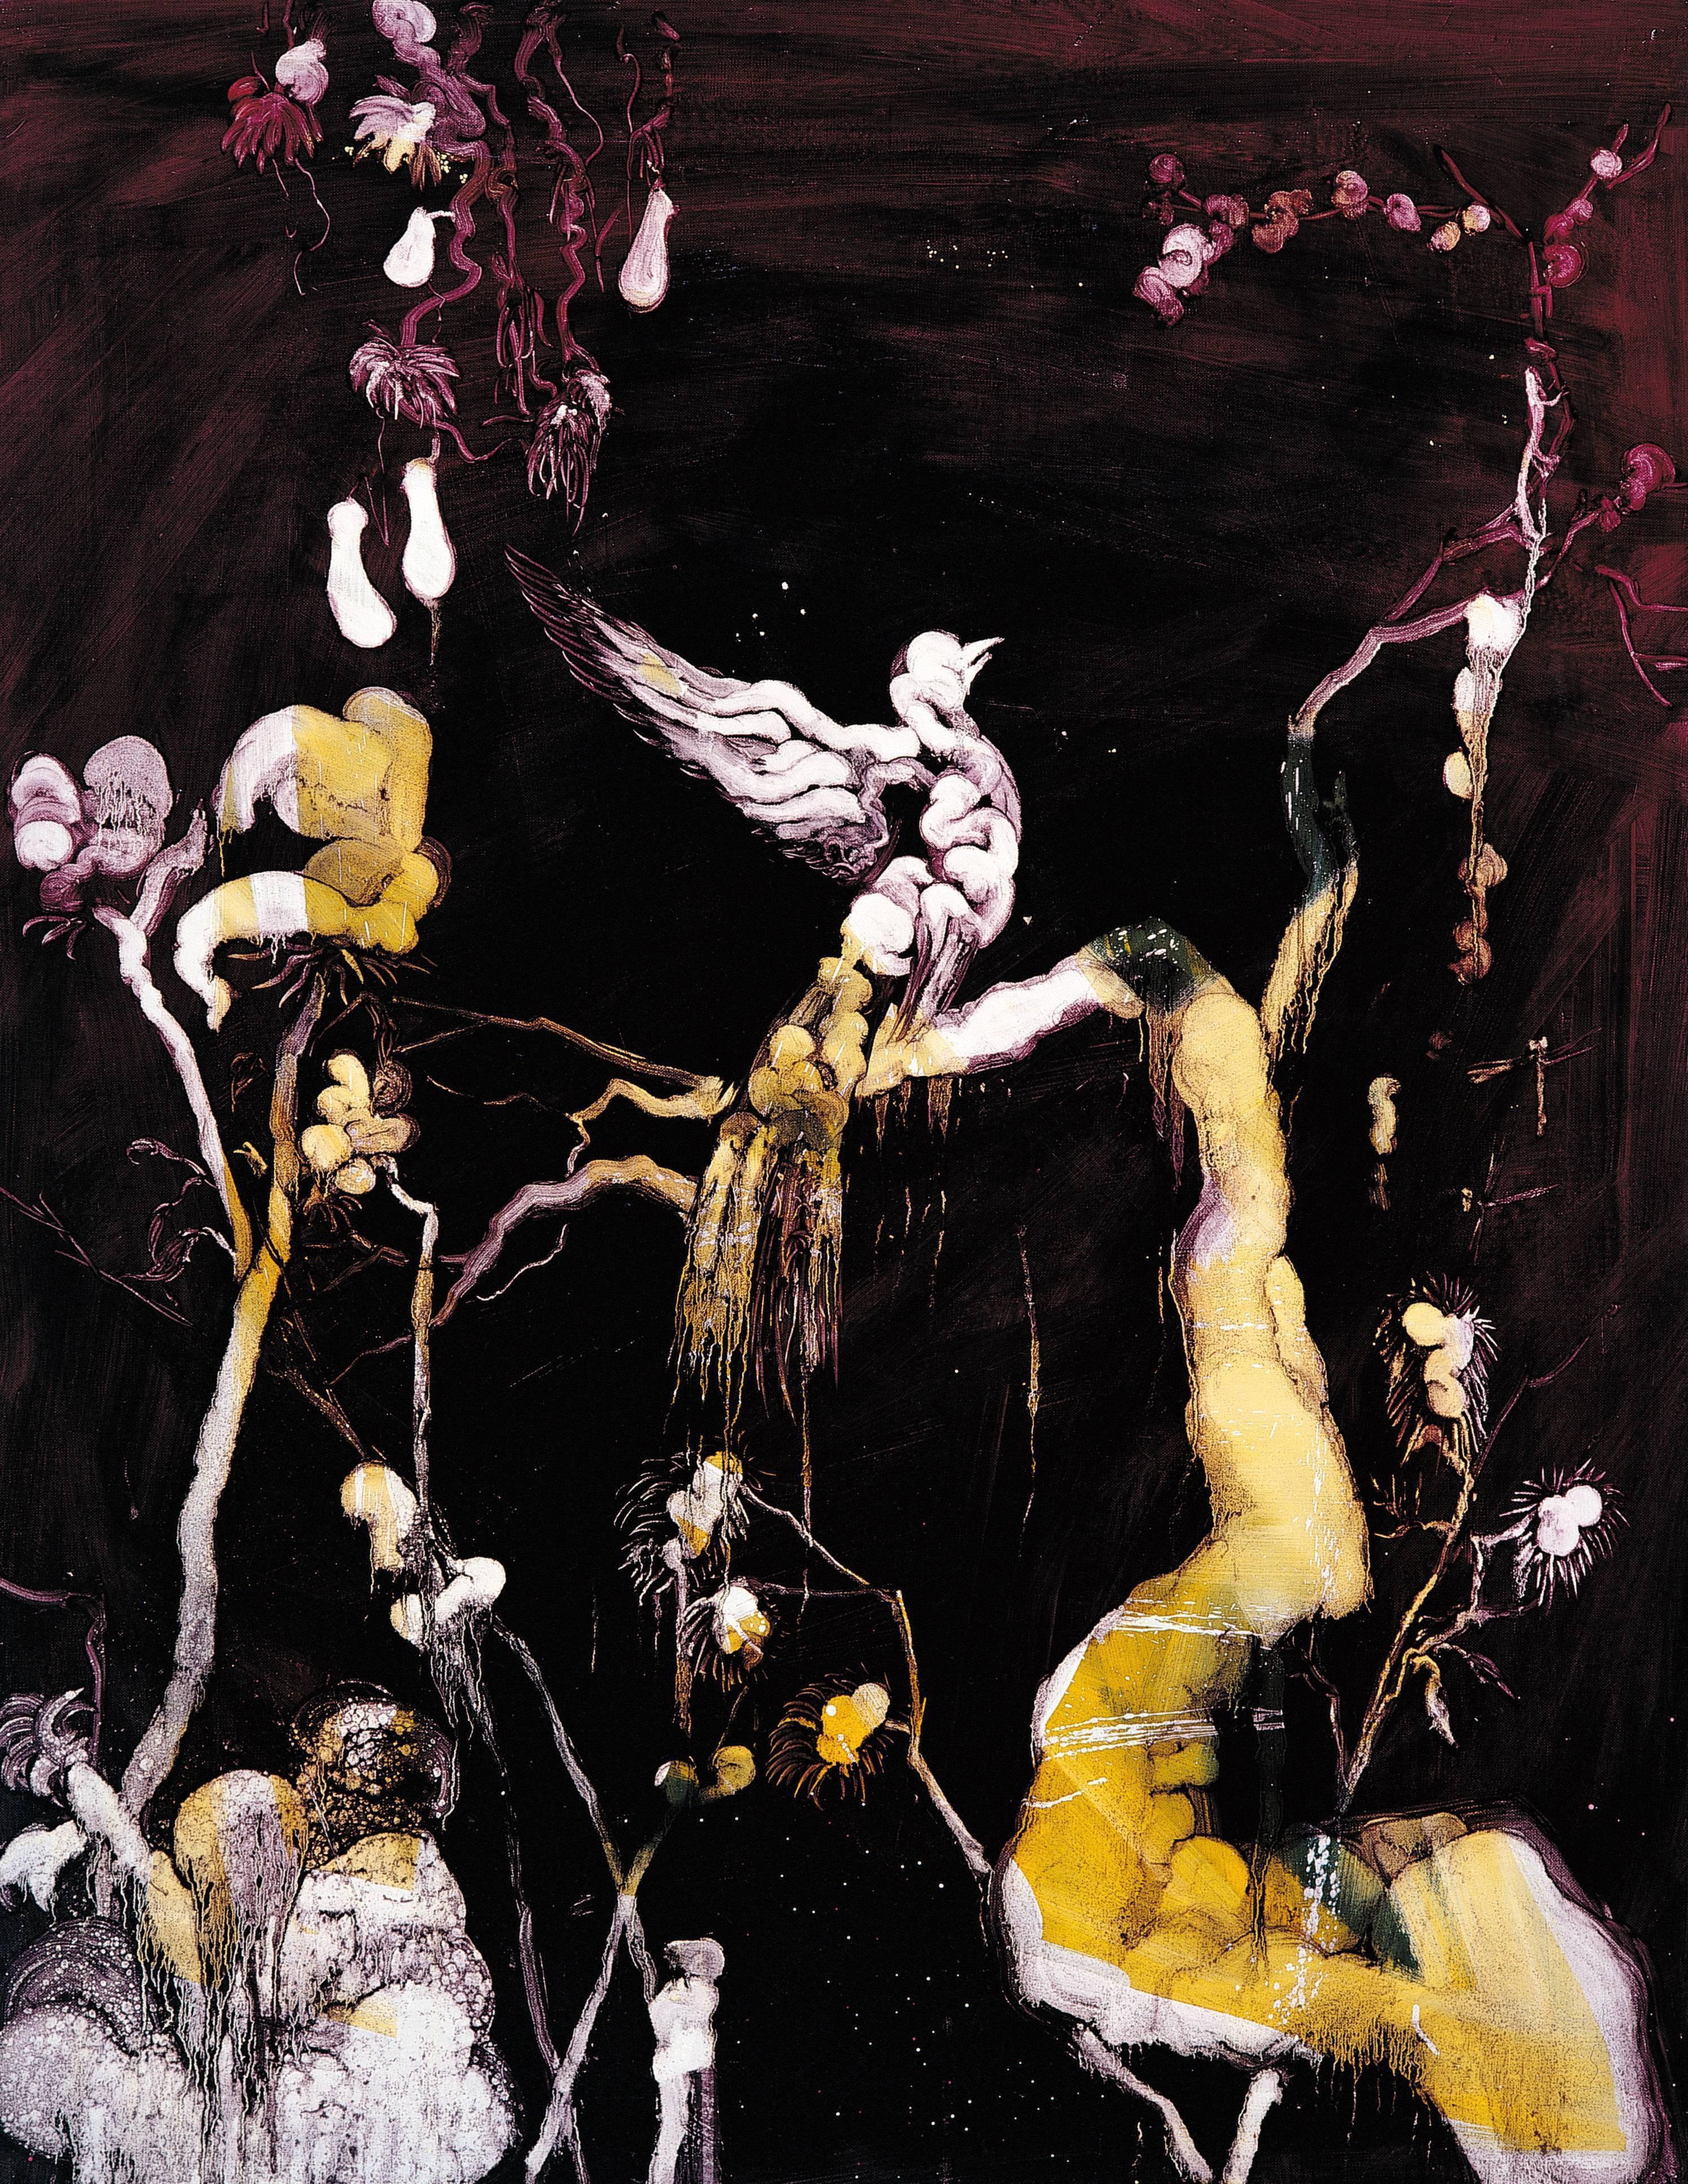 常陵|五花肉系列-肉花鳥-夢縈燕燕圖|2007|油彩|116.5x91cm